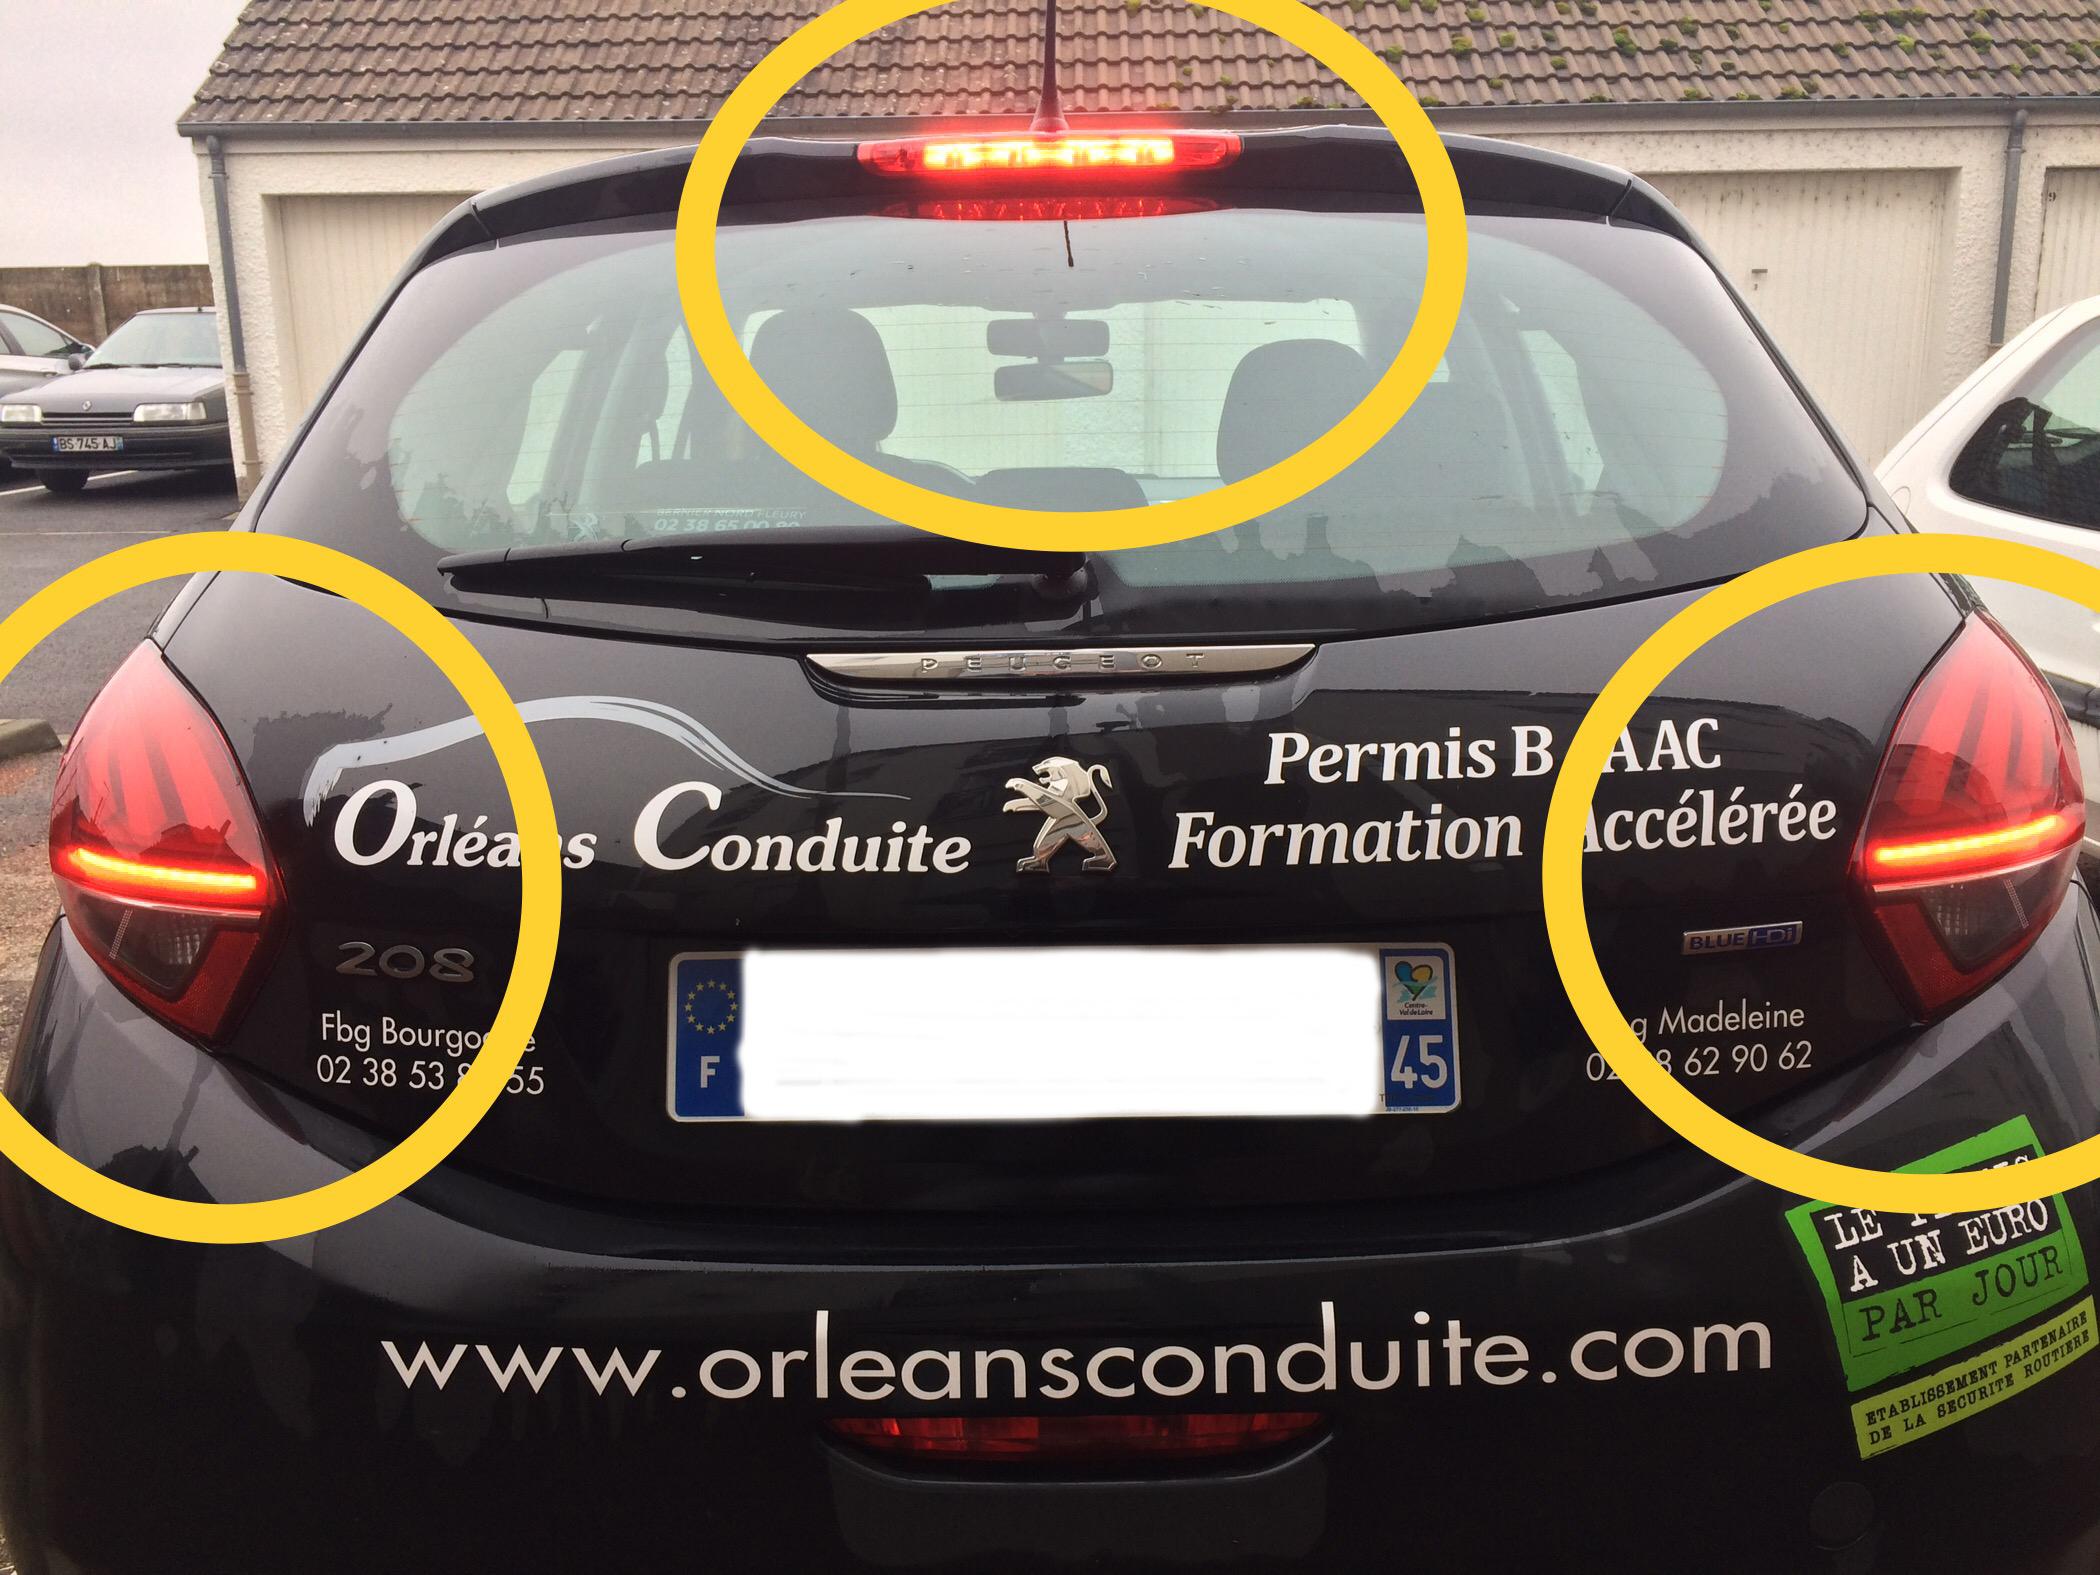 Verifications Vehicules Exterieures A Auto Ecole Orleans